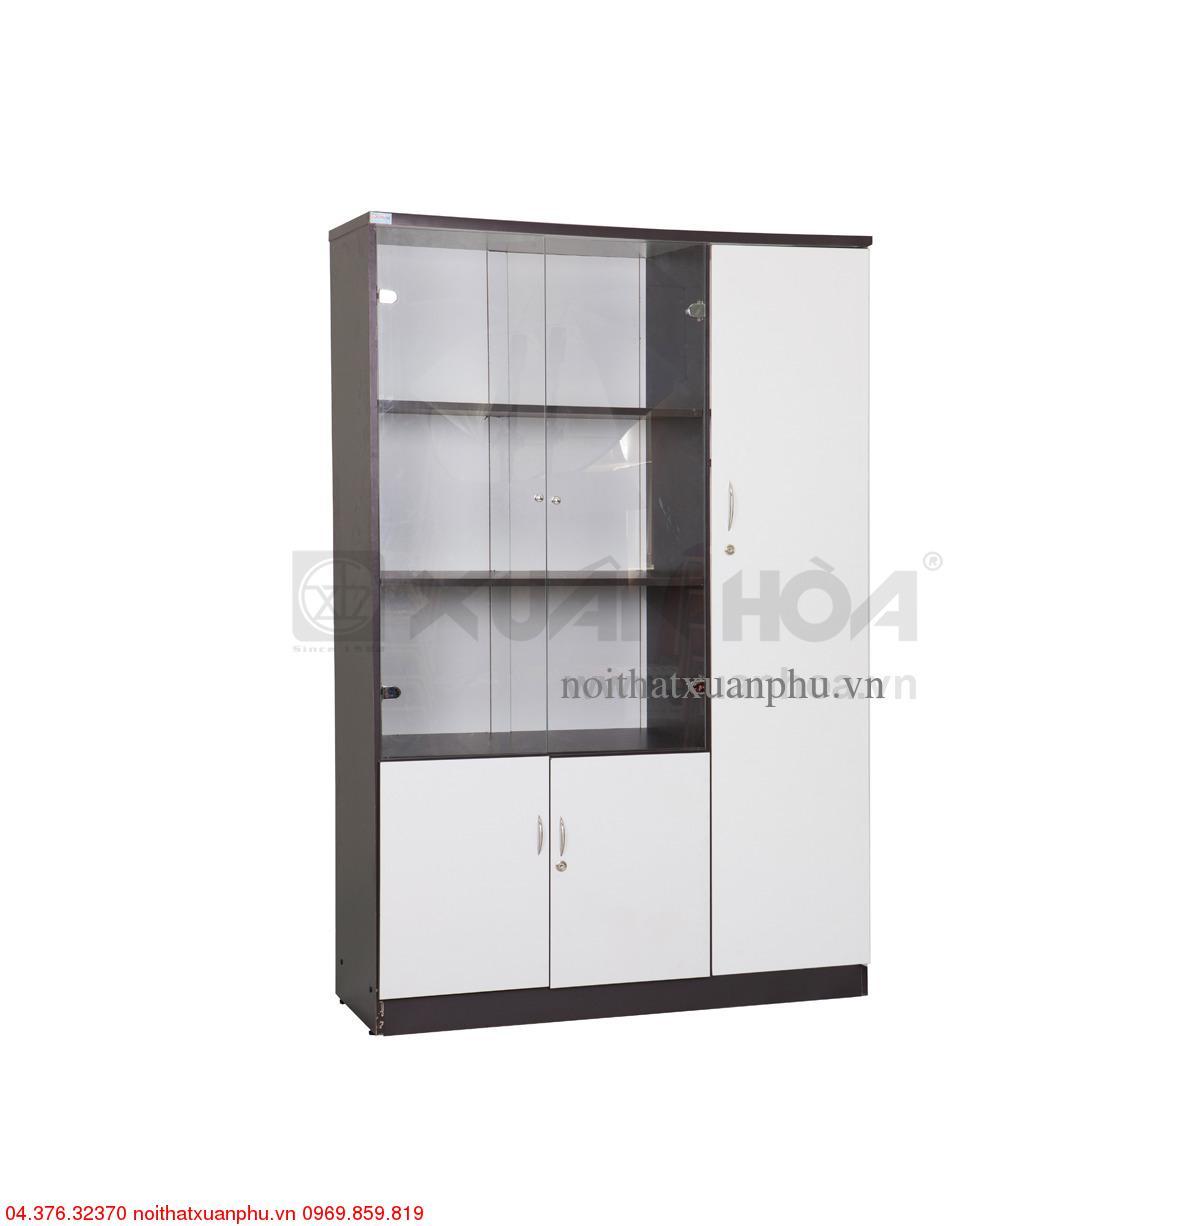 Hình ảnh sản phẩm Tủ gỗ văn phòng Xuân Hòa TG-12-00 120 x 42 x 184 cm